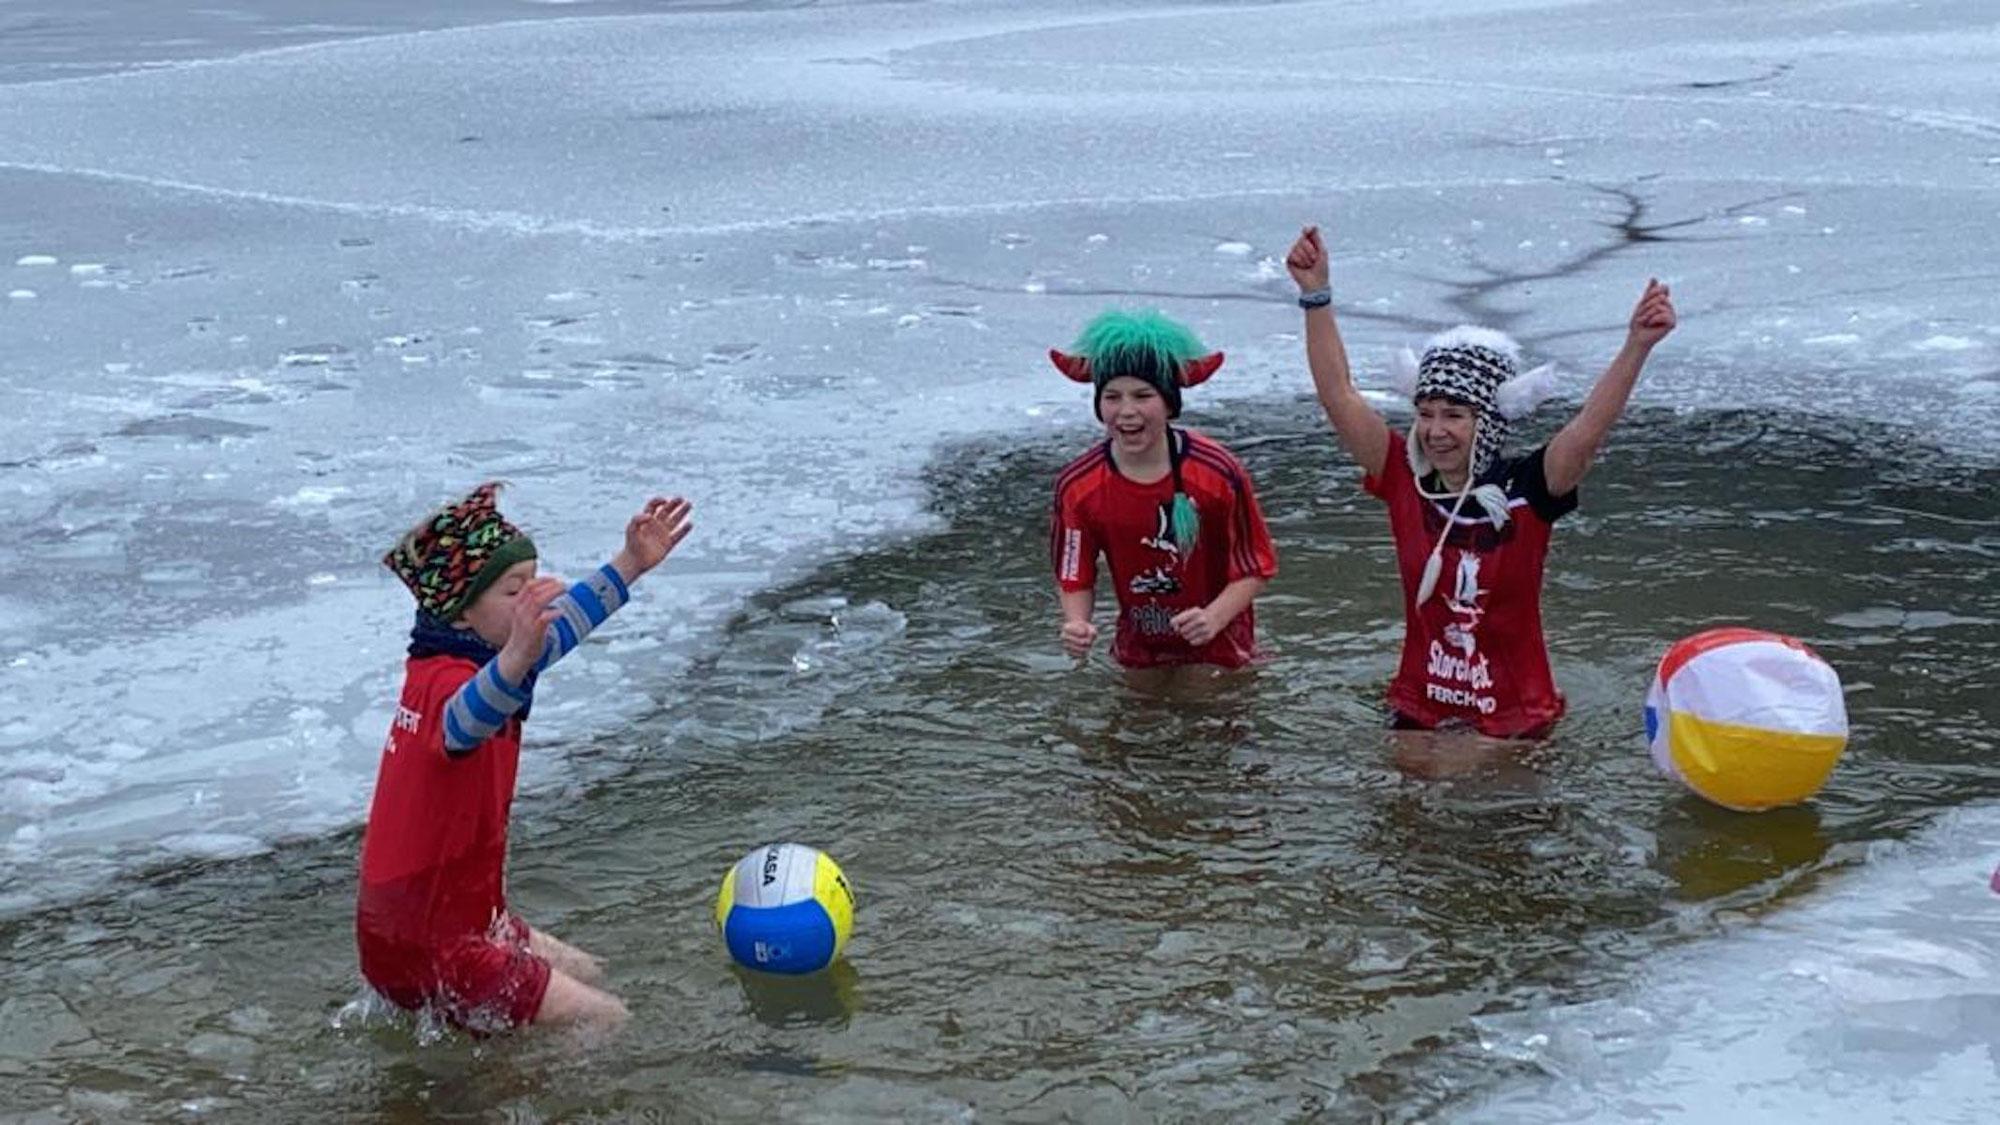 Scheiß auf Corona: Eisbaden als Familien-Event